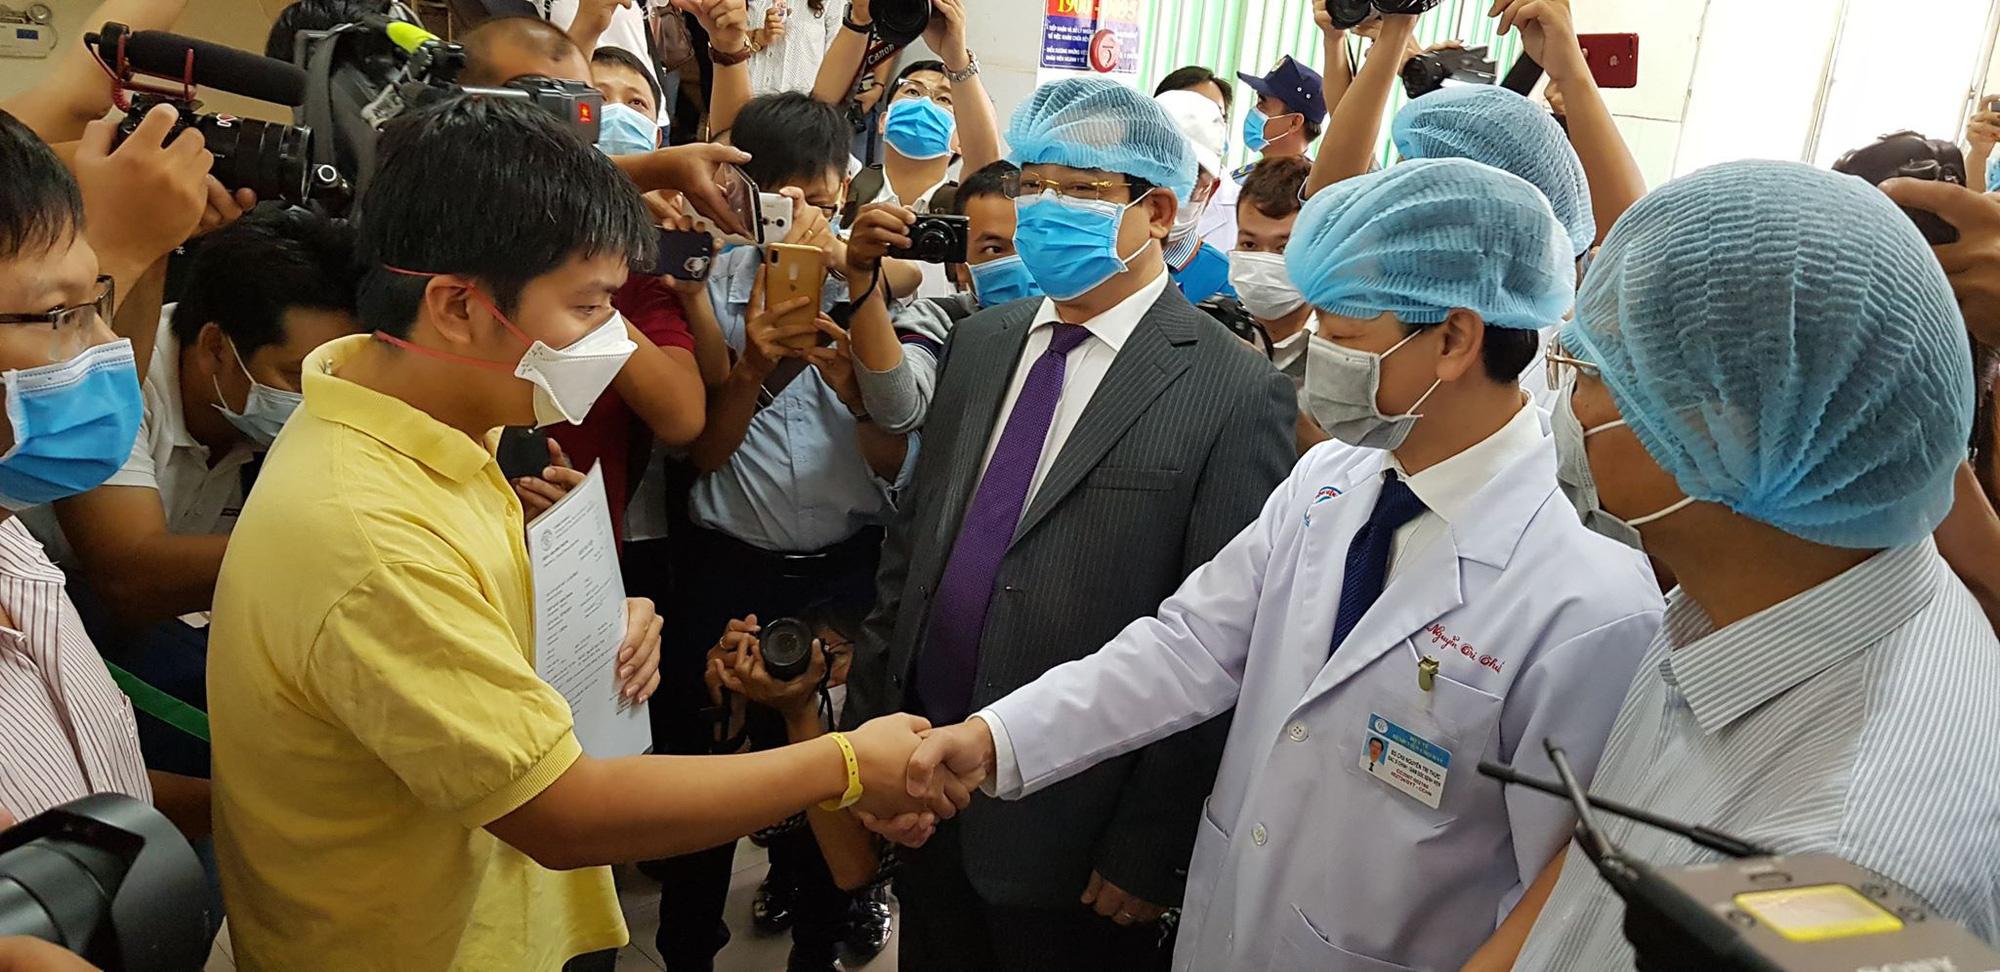 Ban giám đốc Bệnh viện Chợ Rẫy chúc mừng bệnh nhân người Trung Quốc 27 tuổi ra viện. Nguồn: nld.com.vn